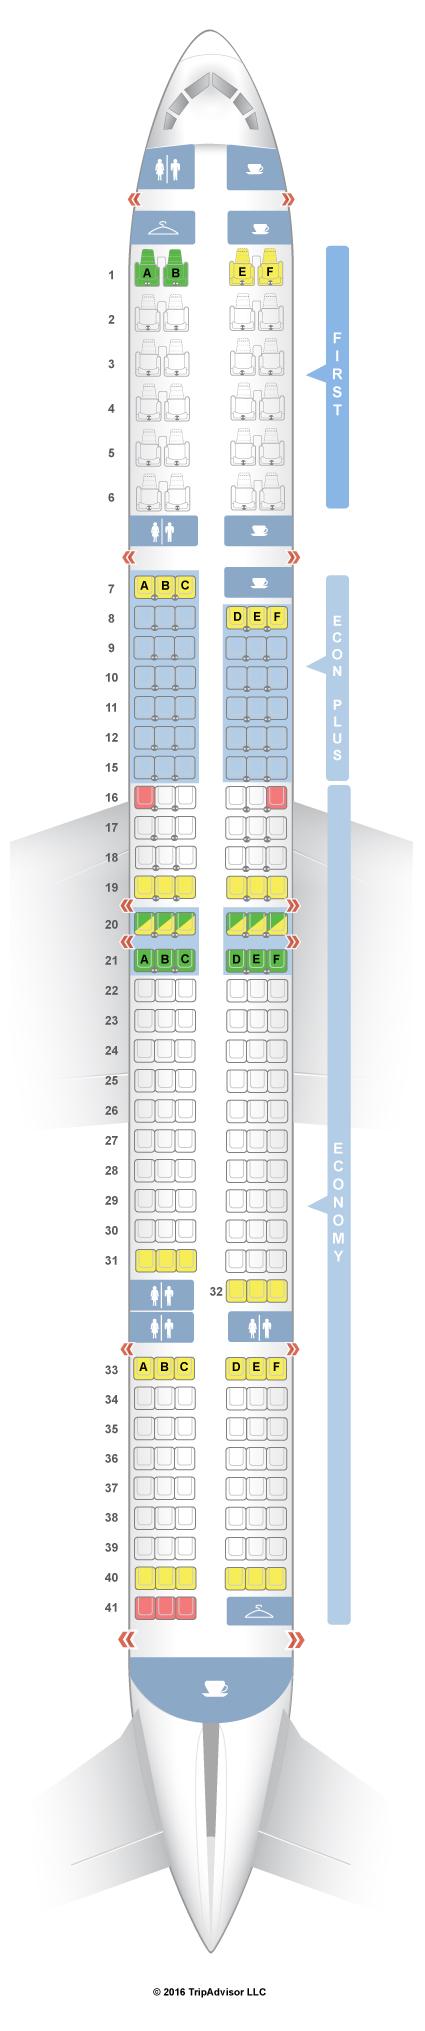 seatguru seat map united boeing 757 300 753 v1 v2